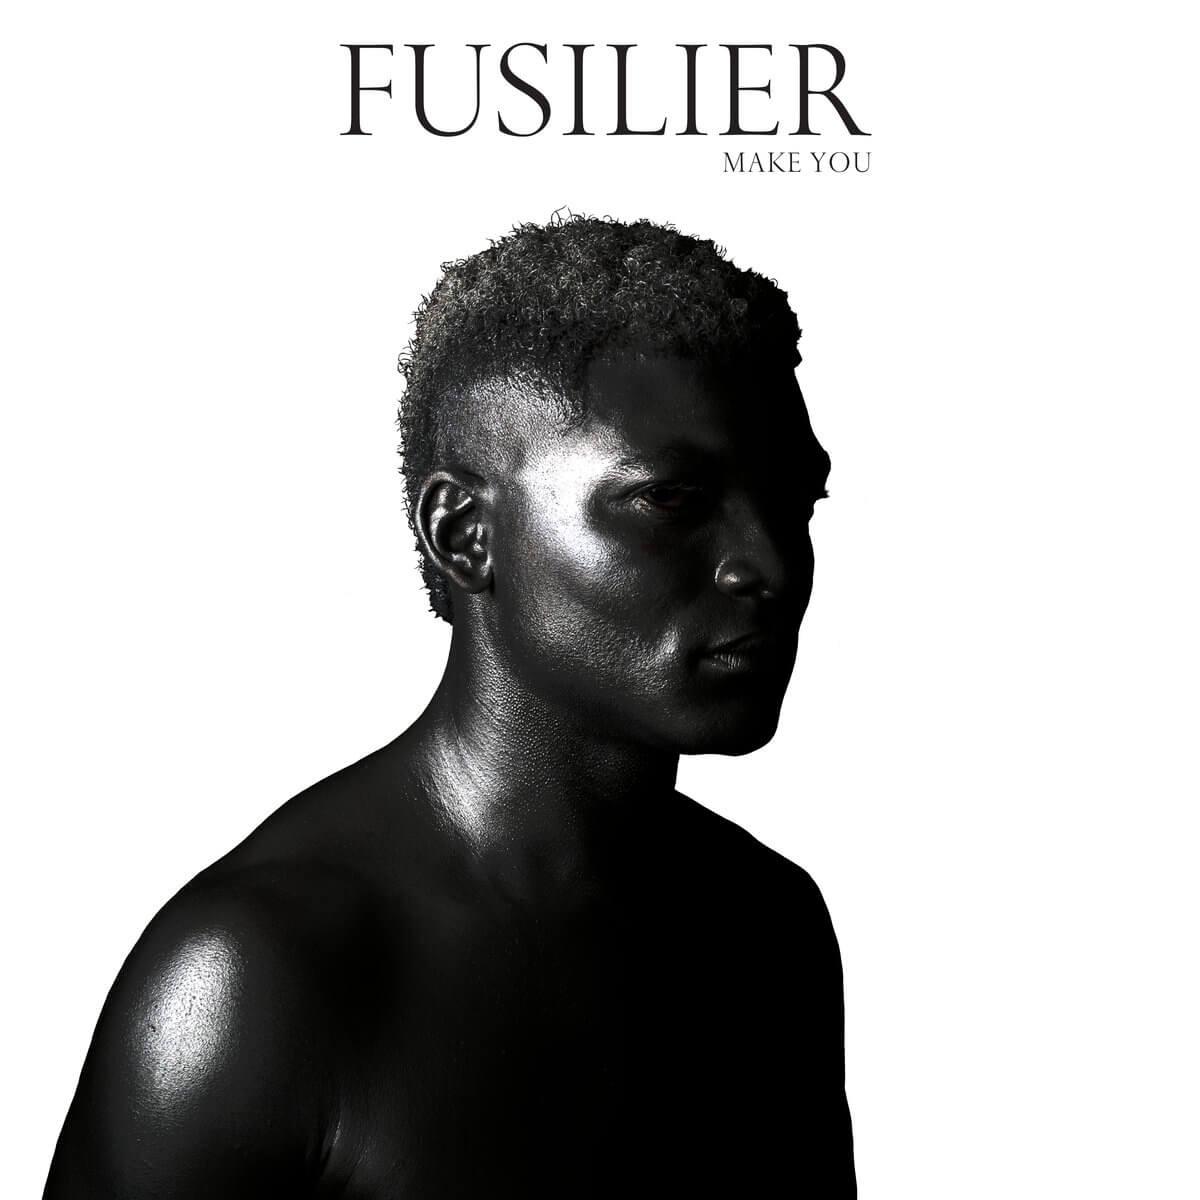 fulsier-.jpg